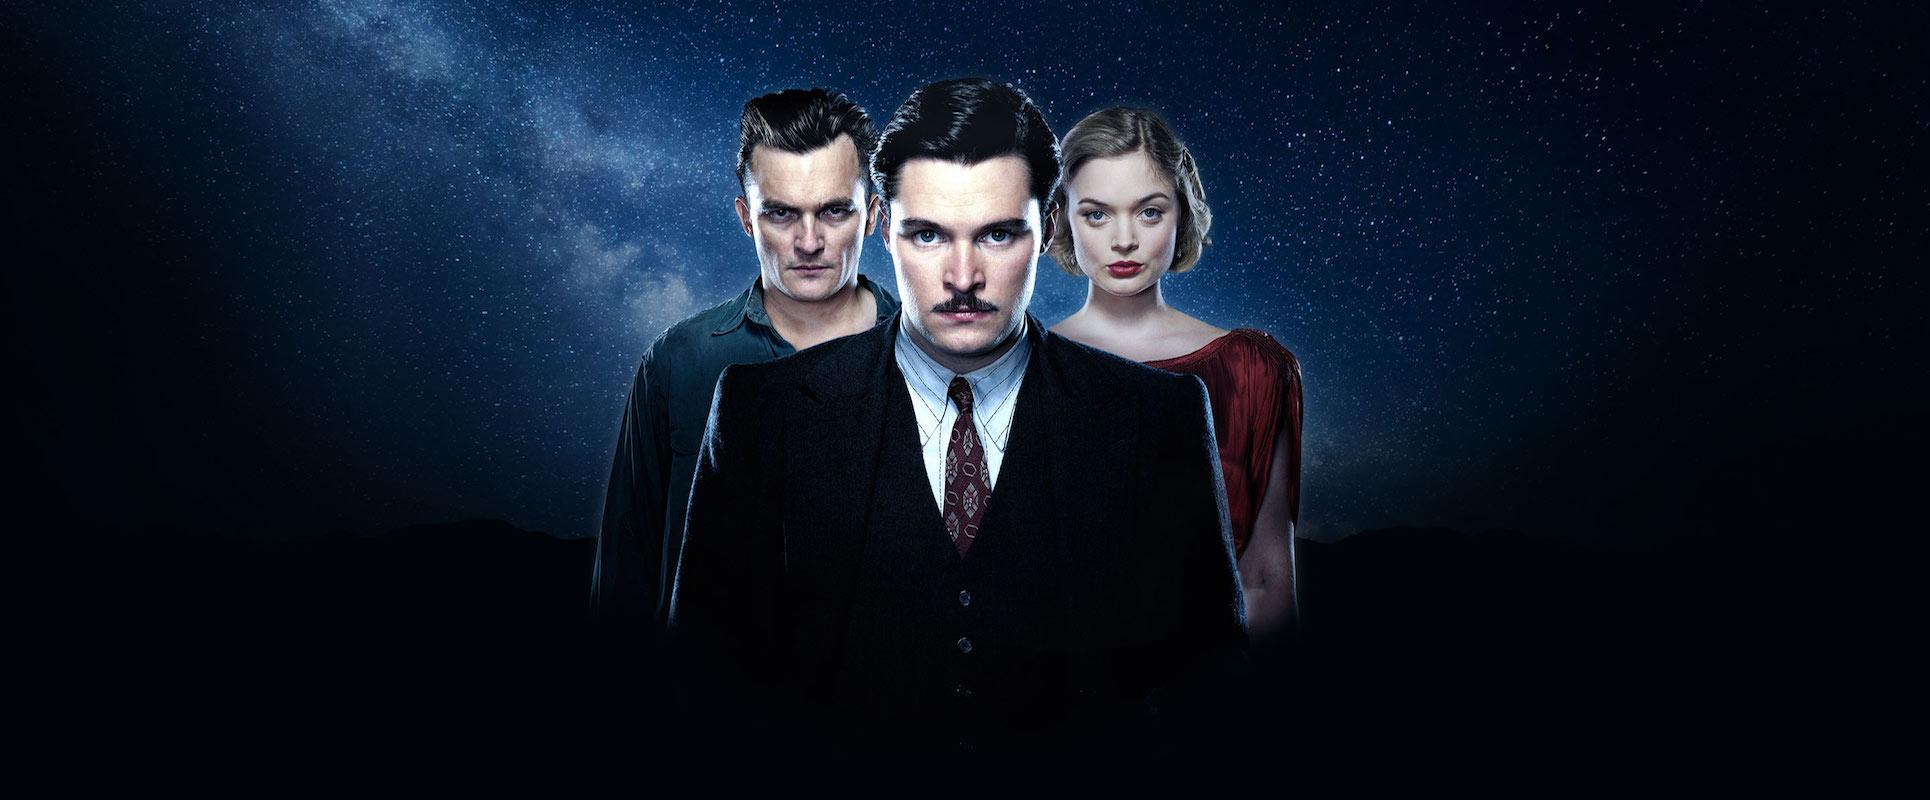 strange angel season 2 poster.jpg